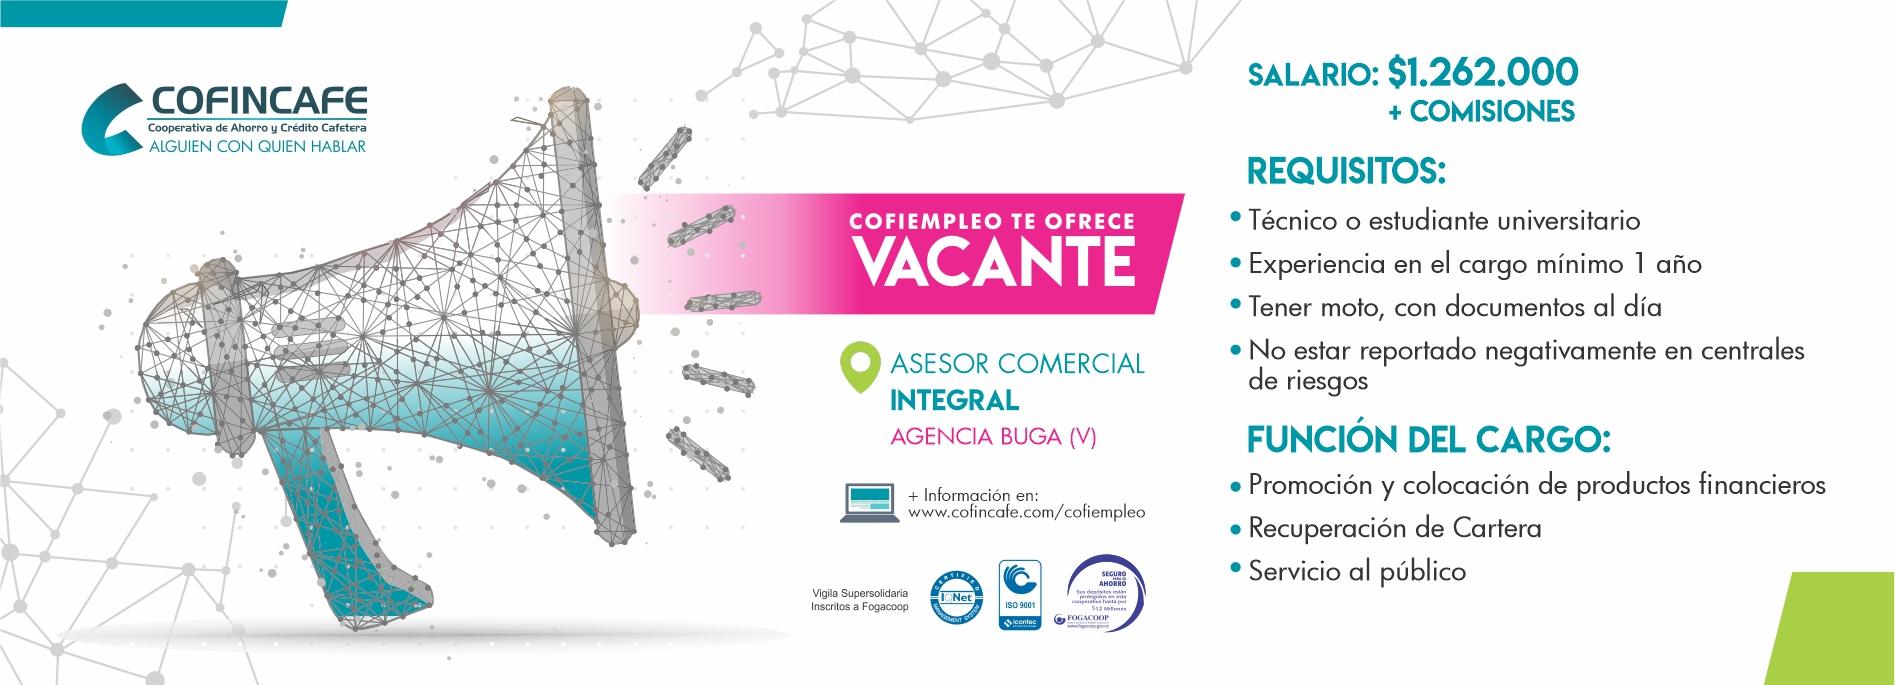 05 VACANTE ASESOR INTEGRAL BUGA WEB